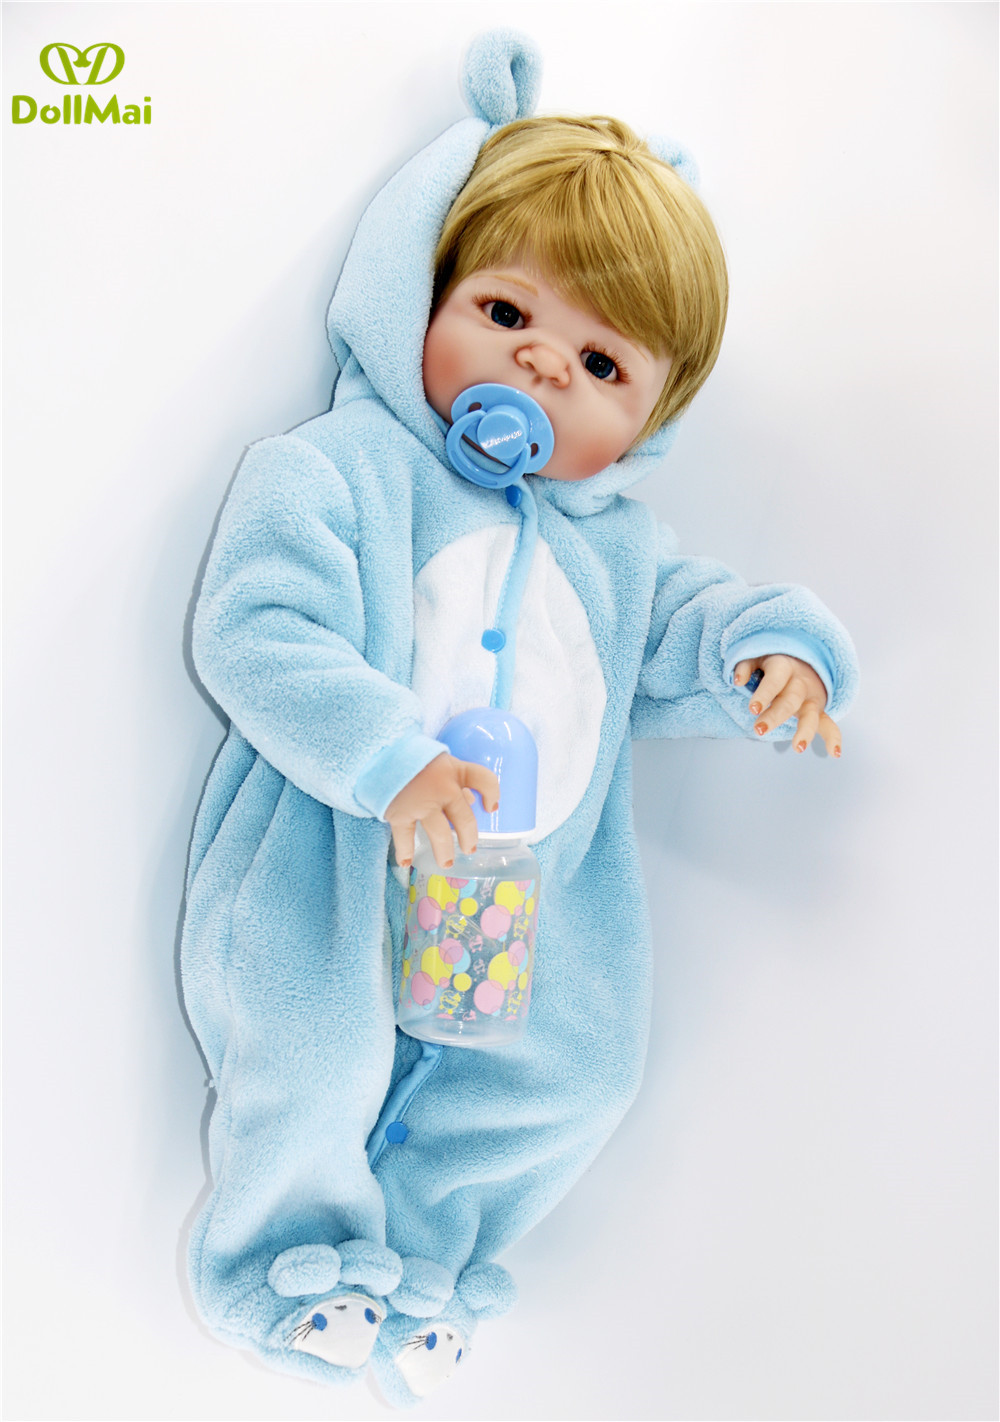 Bebe reborn poupées 57CM réaliste pleine Silicone bébé garçon poupée en mignon doux peluche vêtements vivants bébés poupées comme filles Playmate - 5